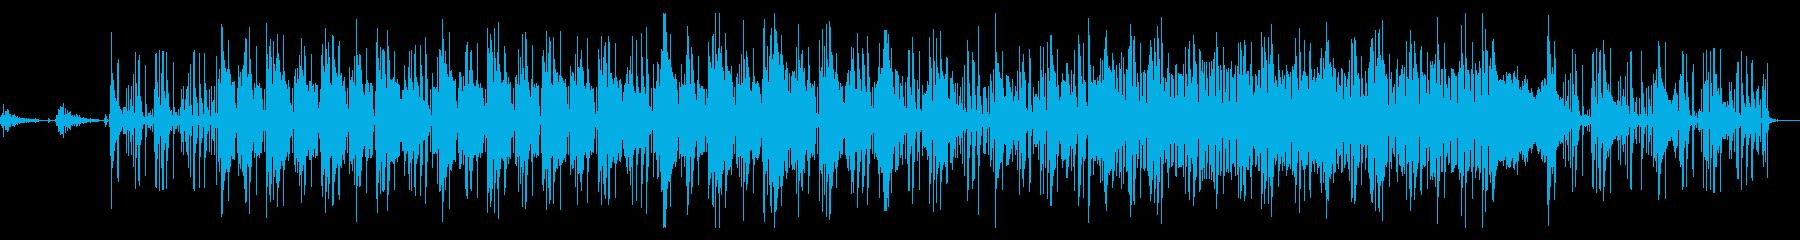 ゆったりチル系ヒップホップの再生済みの波形